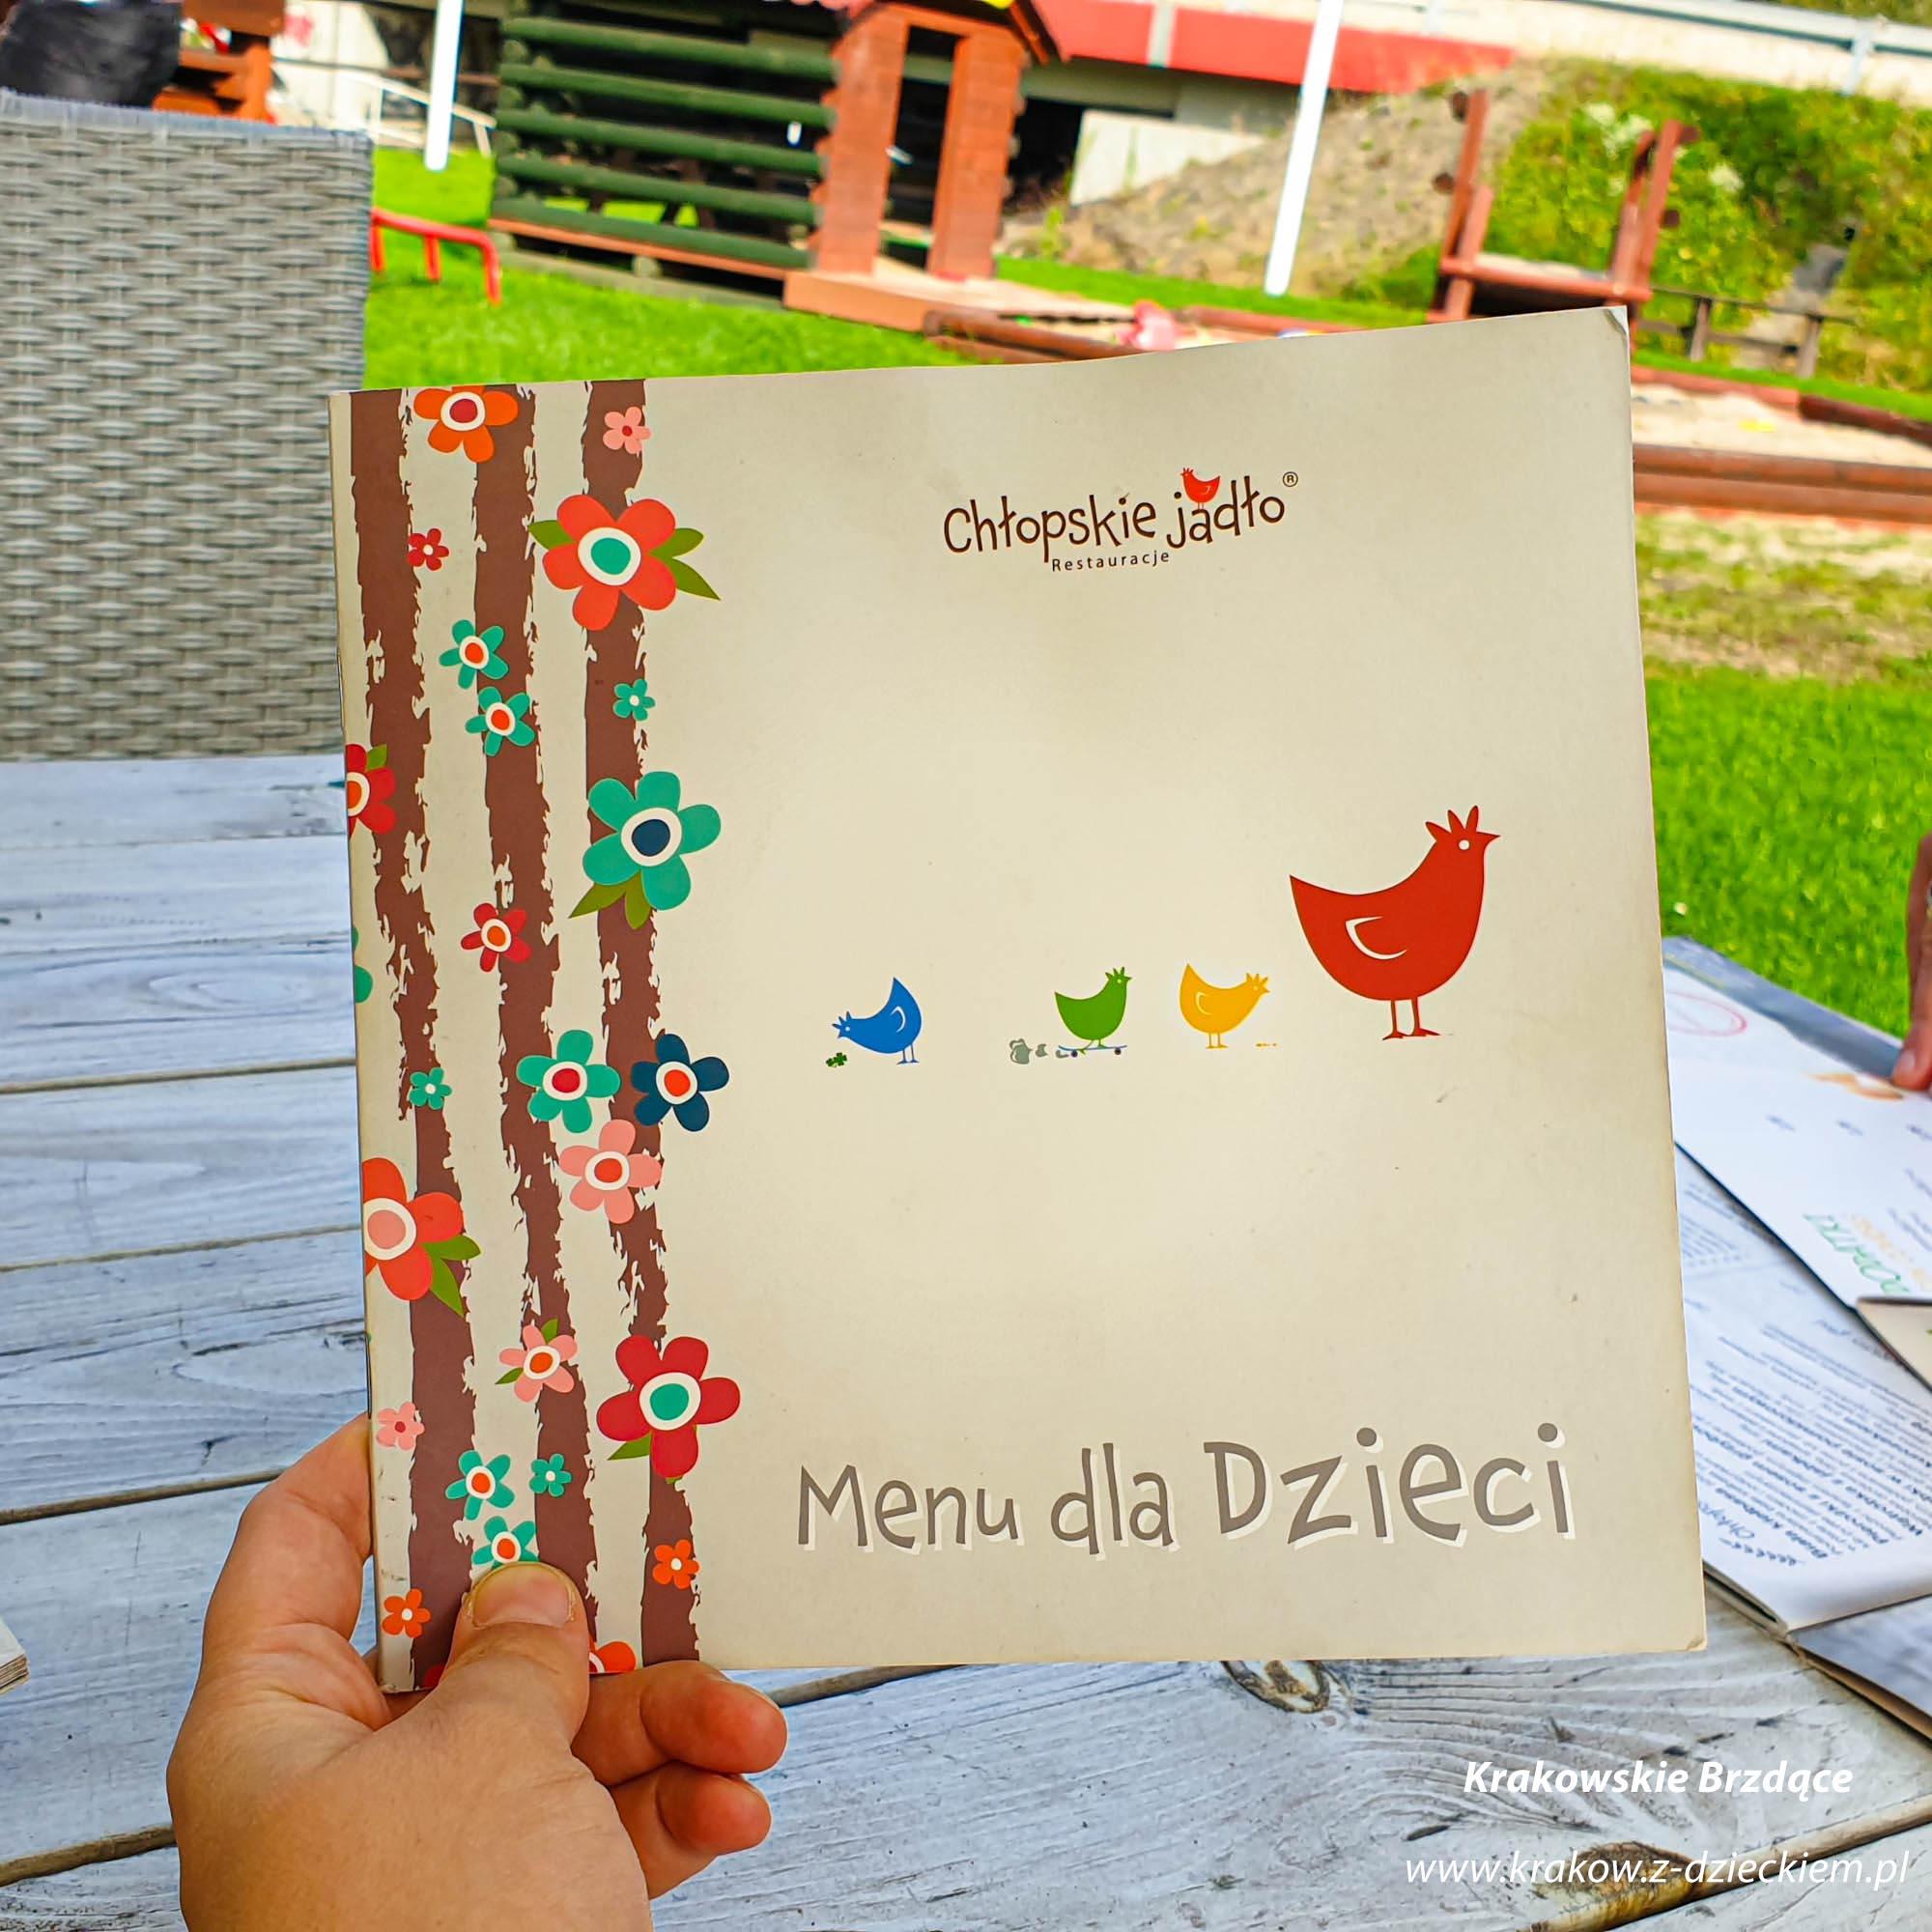 Chłopskie Jadło Głogoczów, menu